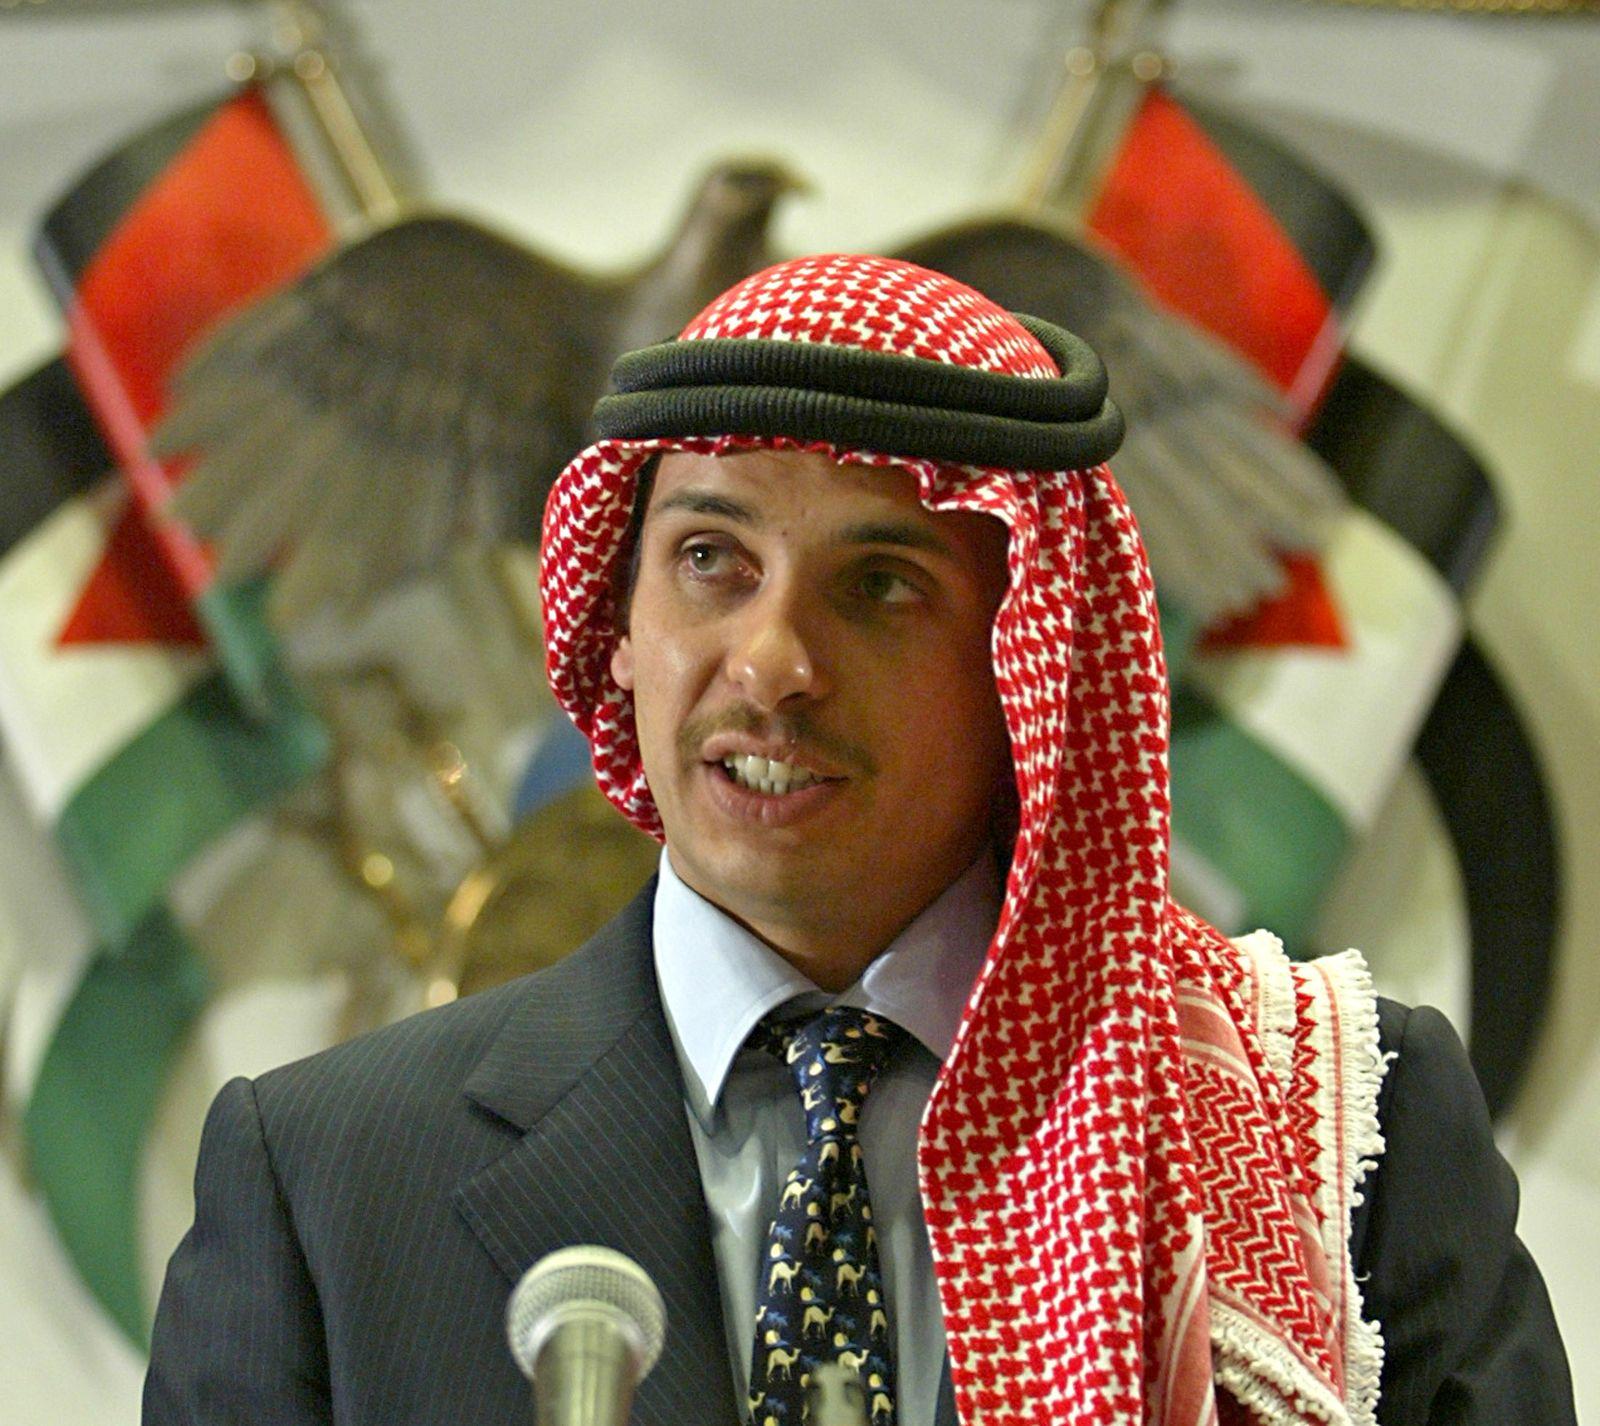 FILE PHOTO: Jordan's Crown Prince Hamza bin Hussein delivers a speech in Amman